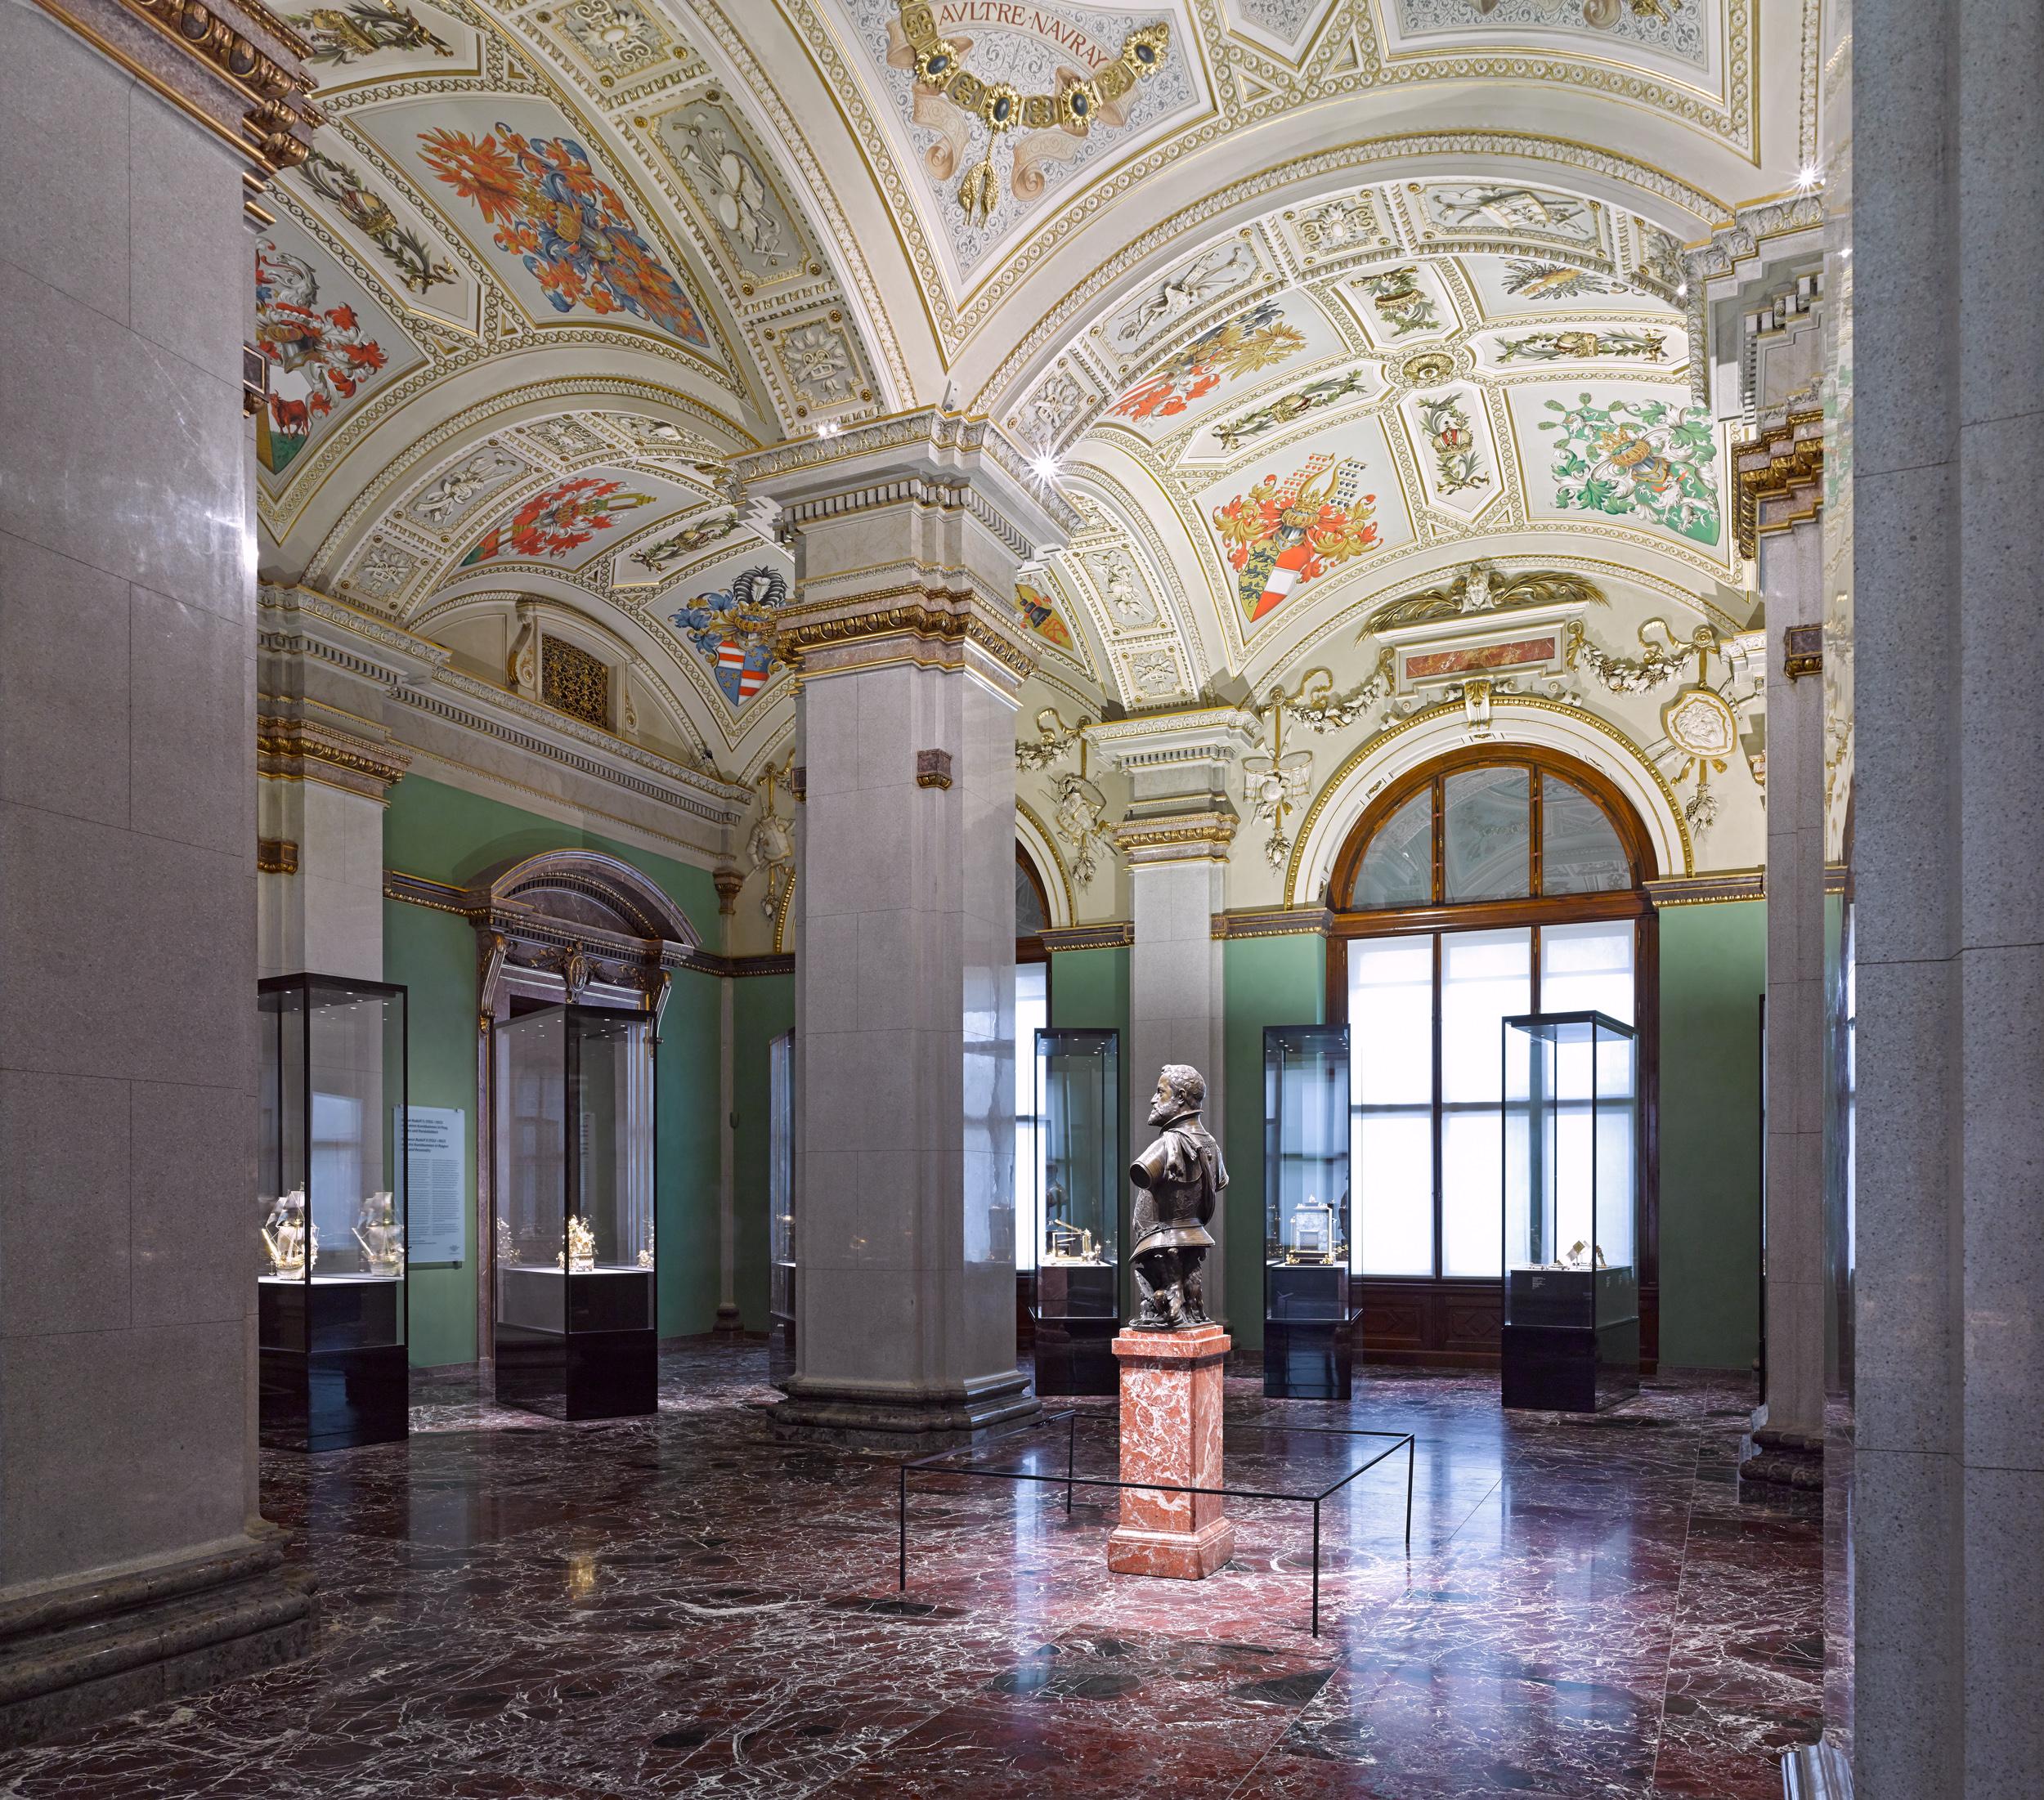 Schatzkammer Wien